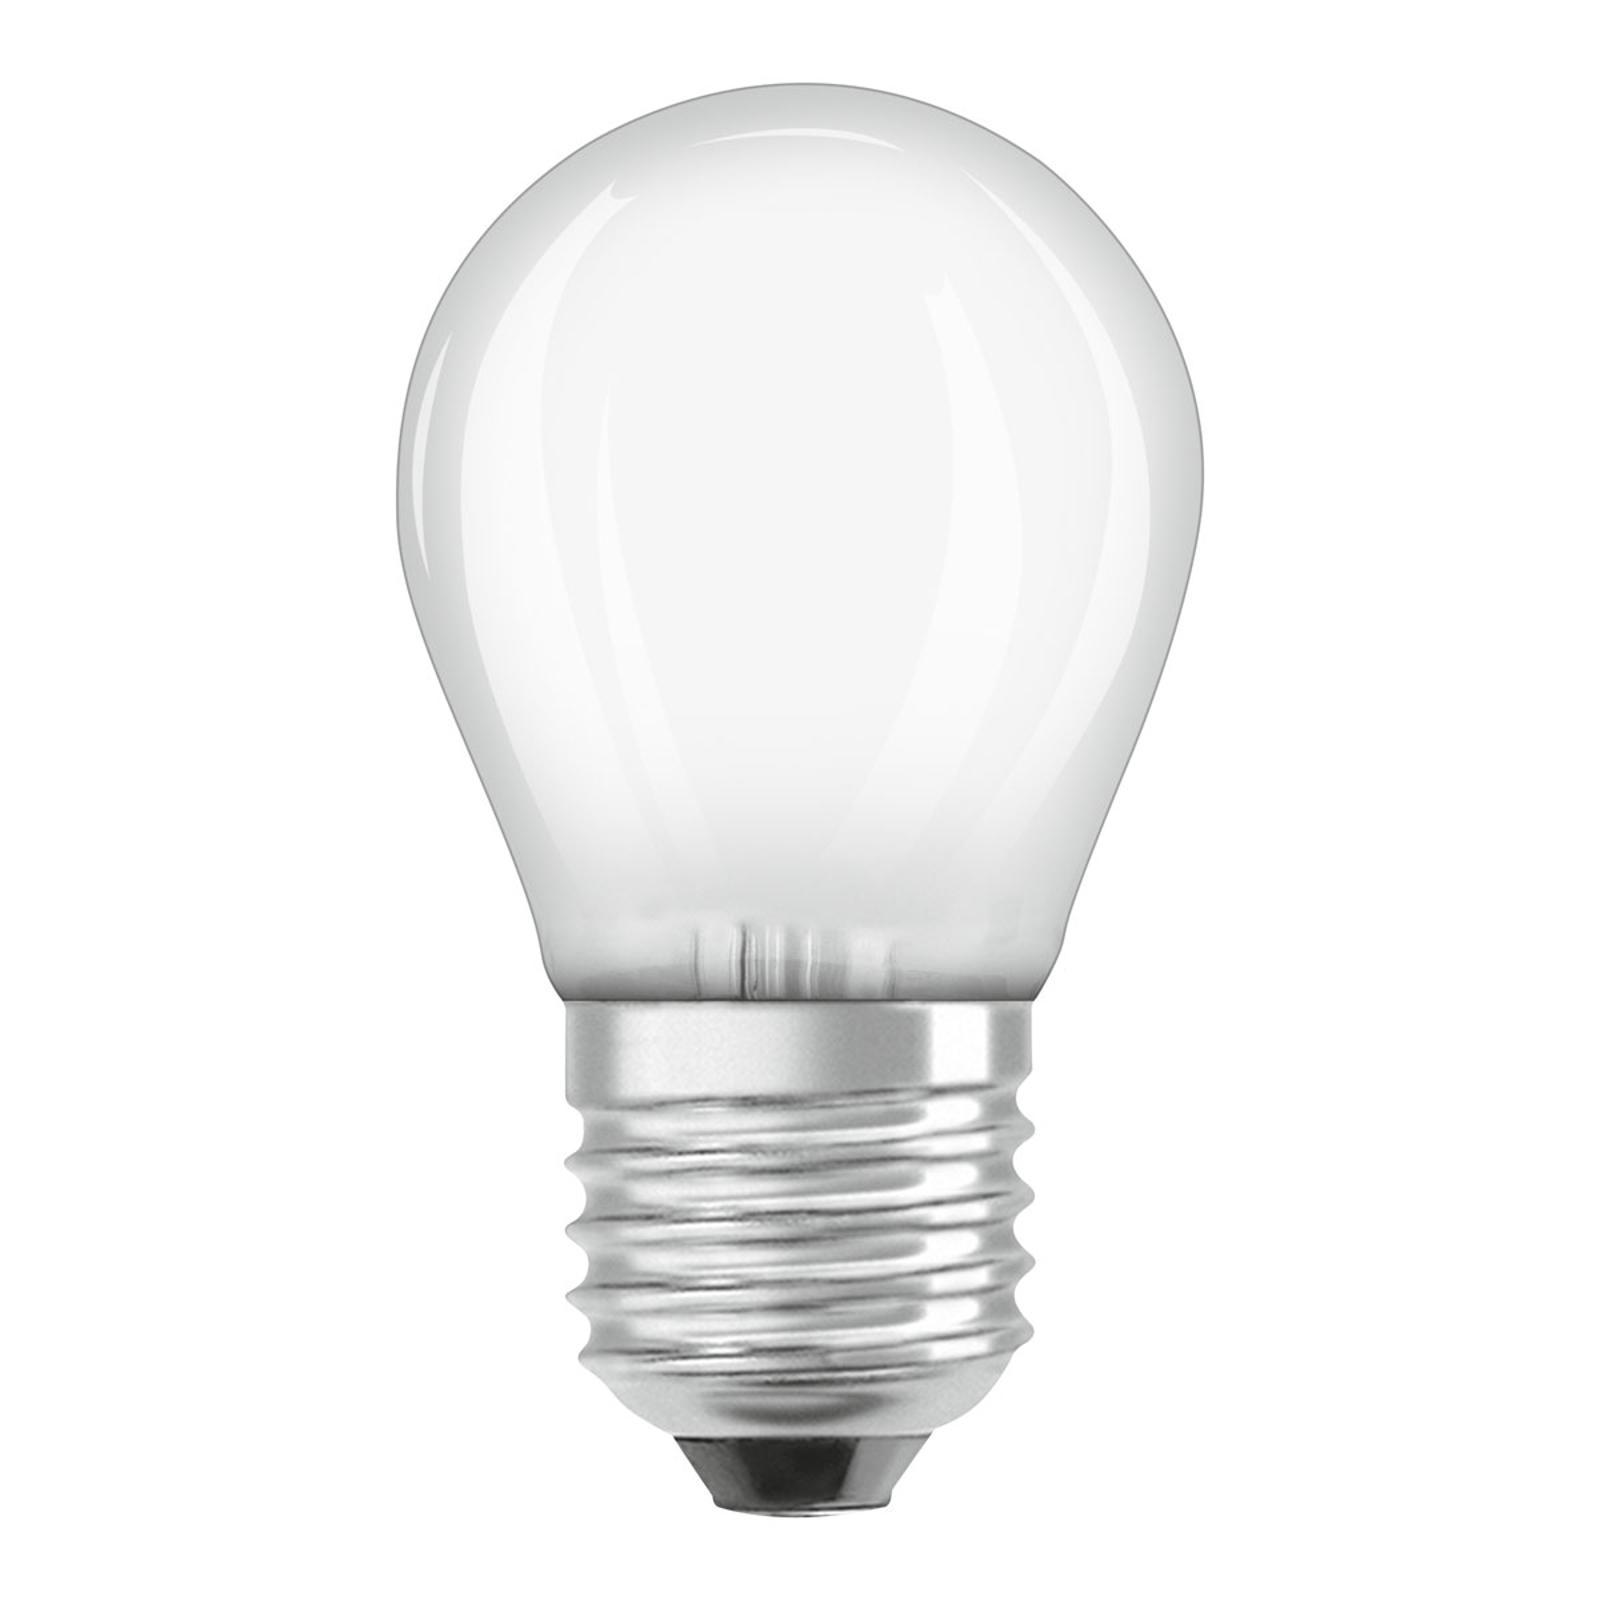 OSRAM-LED-lamppu E27 4W Classic P 4 000 K matta